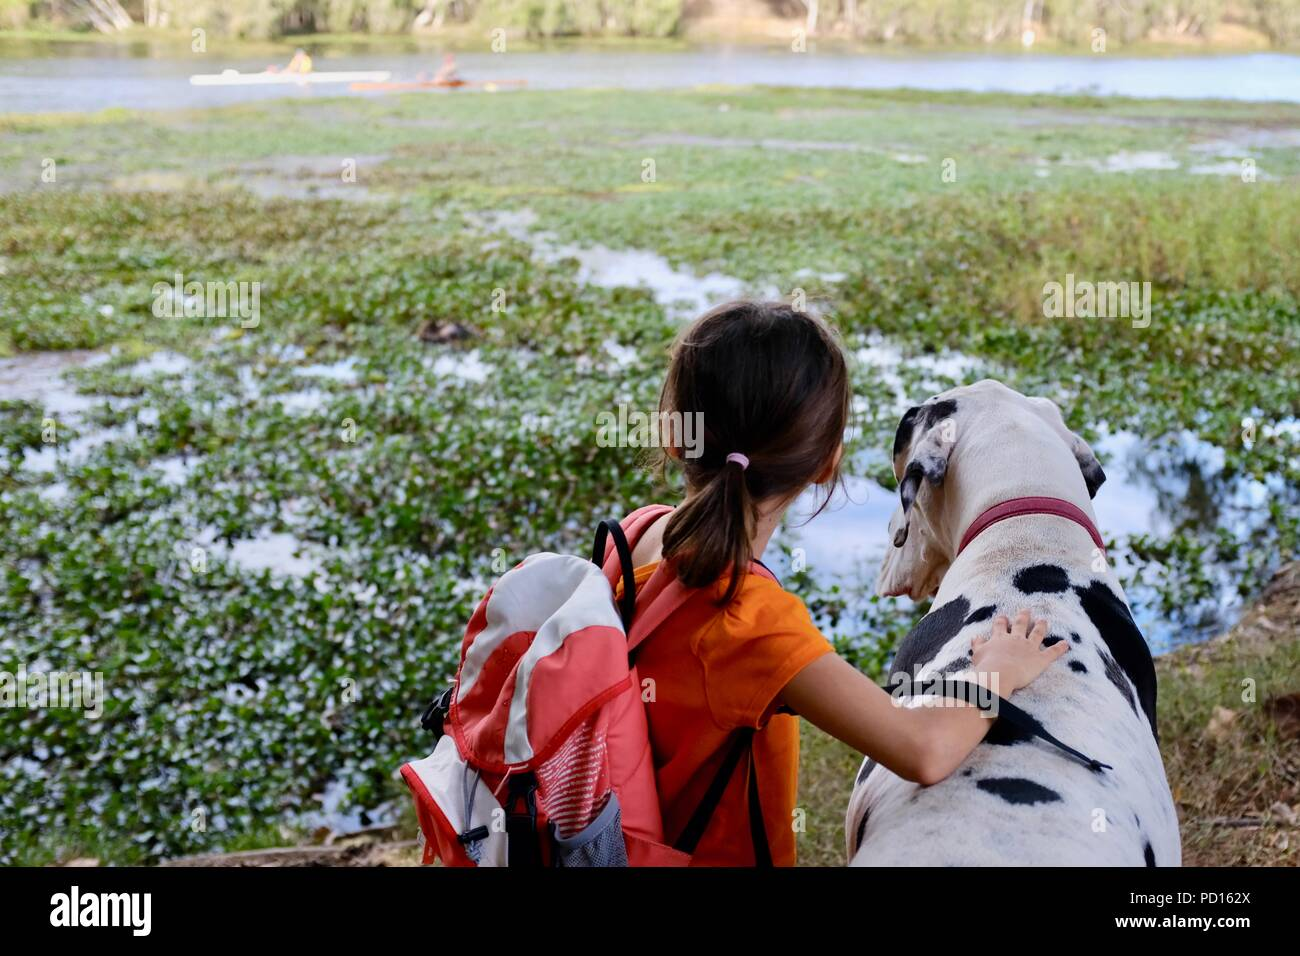 Ein junges Mädchen, Weiße und Schwarze Dogge Hund zusammen mit Blick auf einen Fluss, Booroona Wanderweg auf der Ross River, Rasmussen, QLD 4815, Australien Stockbild